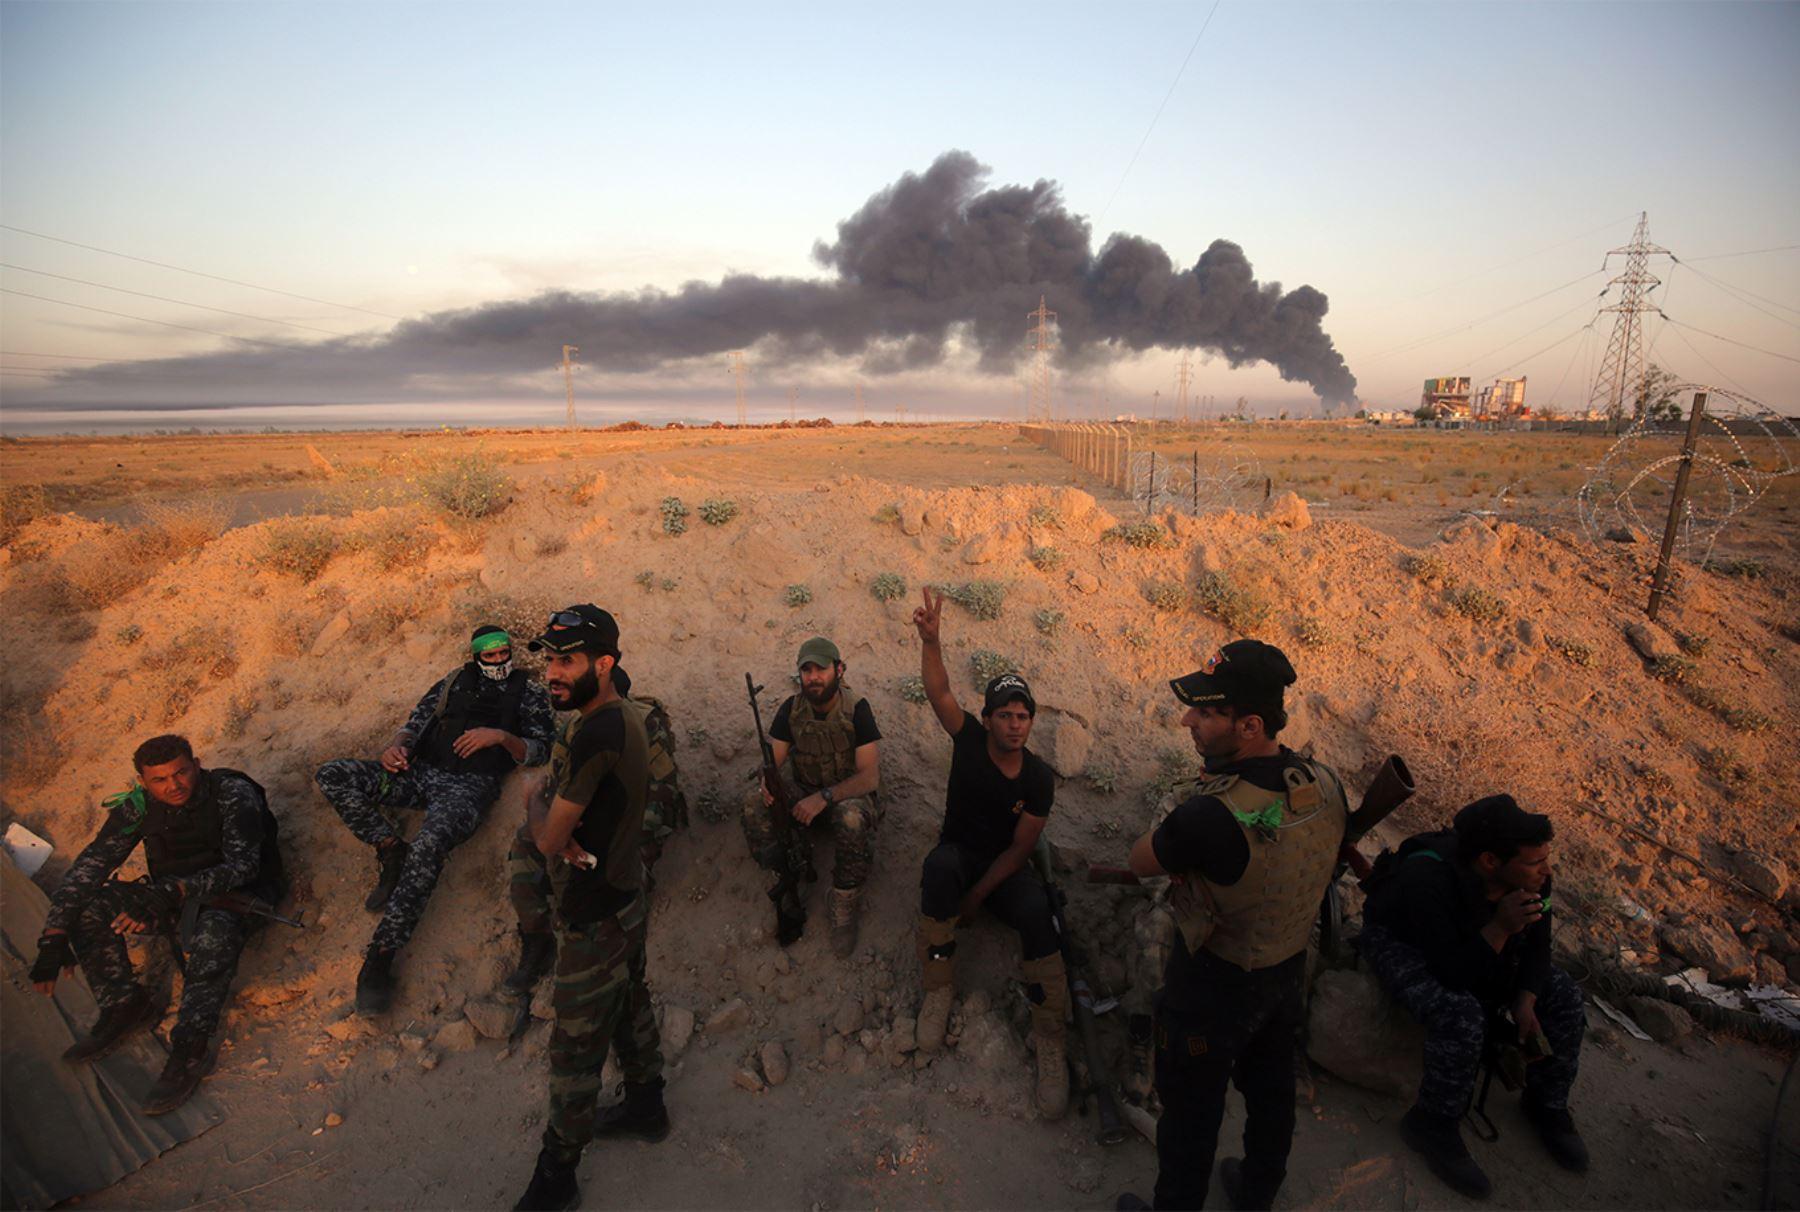 Fuerzas progubernamentales iraquíes avanzan hacia la ciudad de Faluya el 23 de mayo de 2016, como parte de un importante asalto para retomar la ciudad en manos del Estado Islámico (IS)  AFP PHOTO / AHMAD AL-RUBAYE